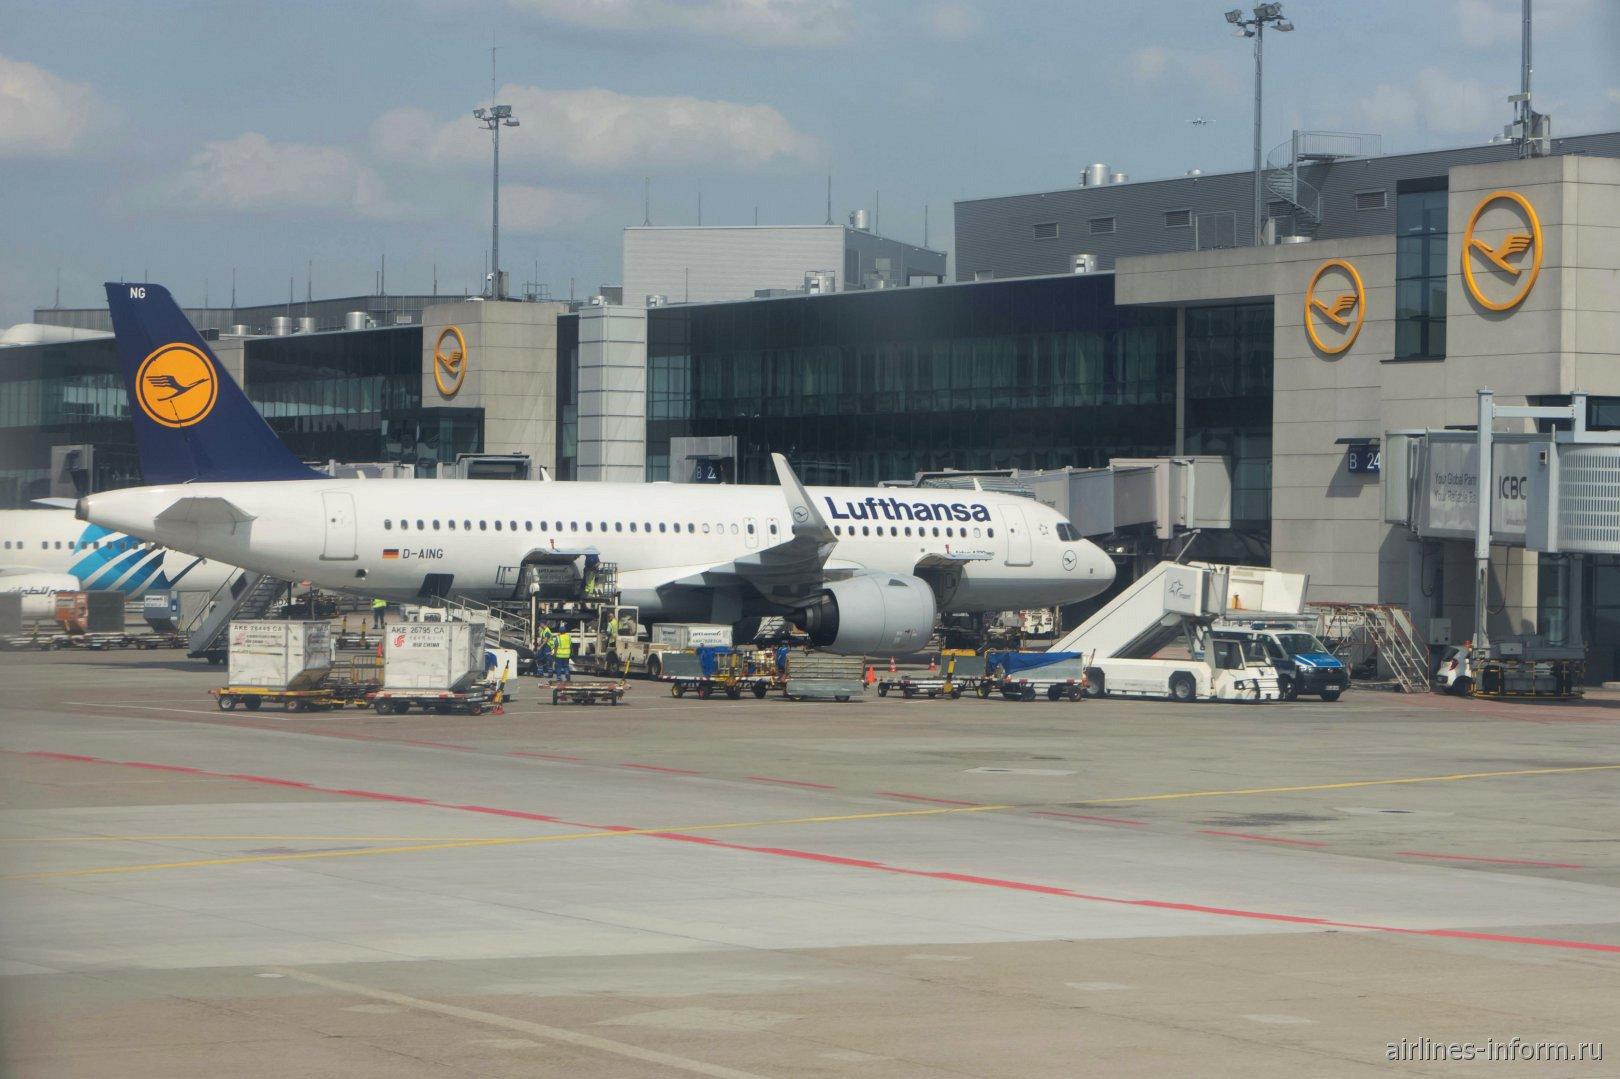 Подготовка к вылету самолета Airbus A320neo (D-AING) в аэропорту Франкфурта